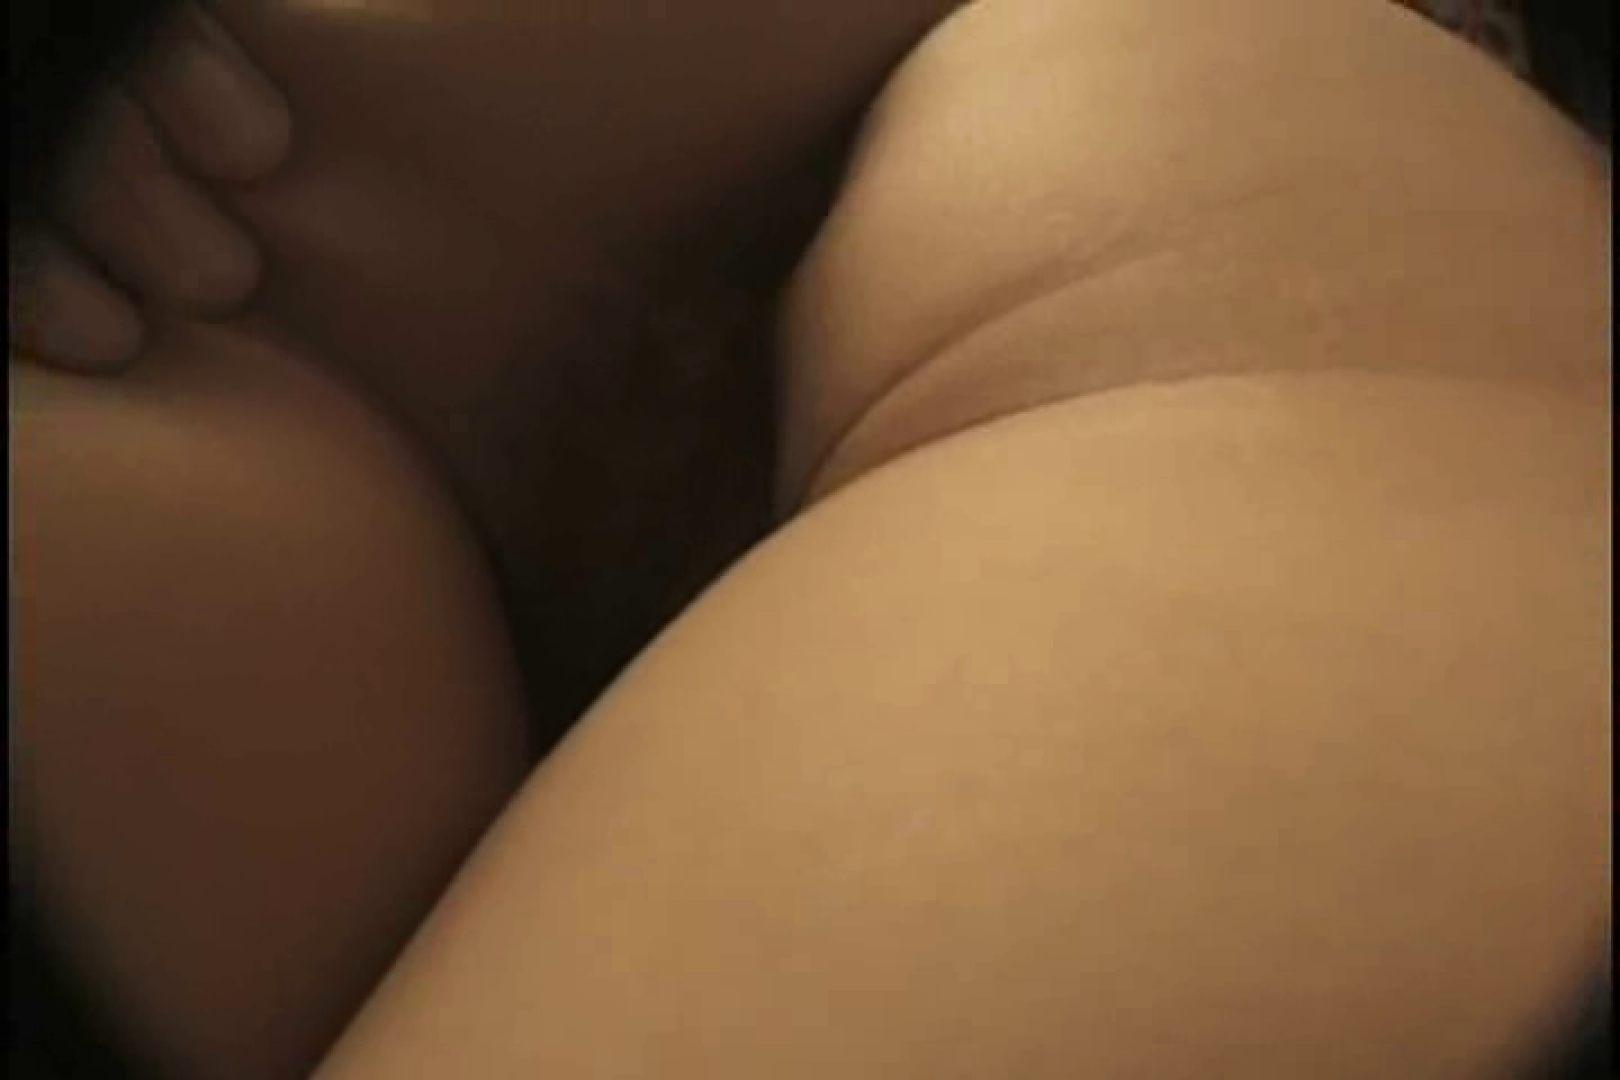 素人嬢126人のハメ撮り 竹之内歩美 メーカー直接買い取り | モデル  106画像 64